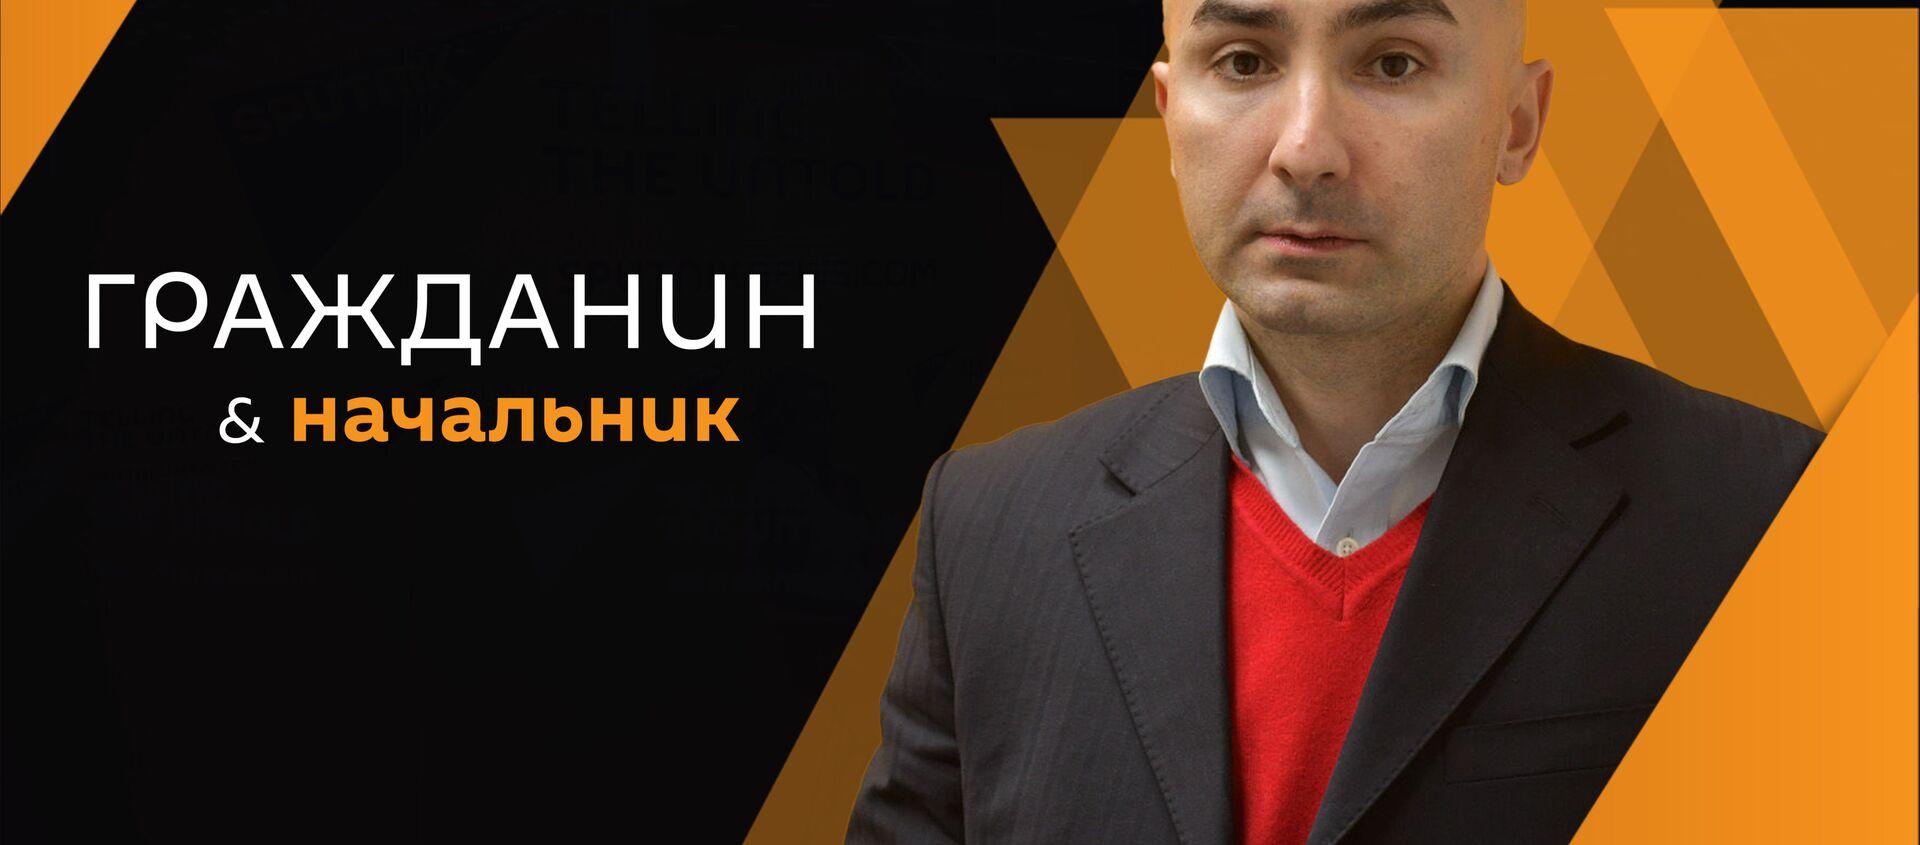 Леон Кварчия - Sputnik Абхазия, 1920, 03.12.2020